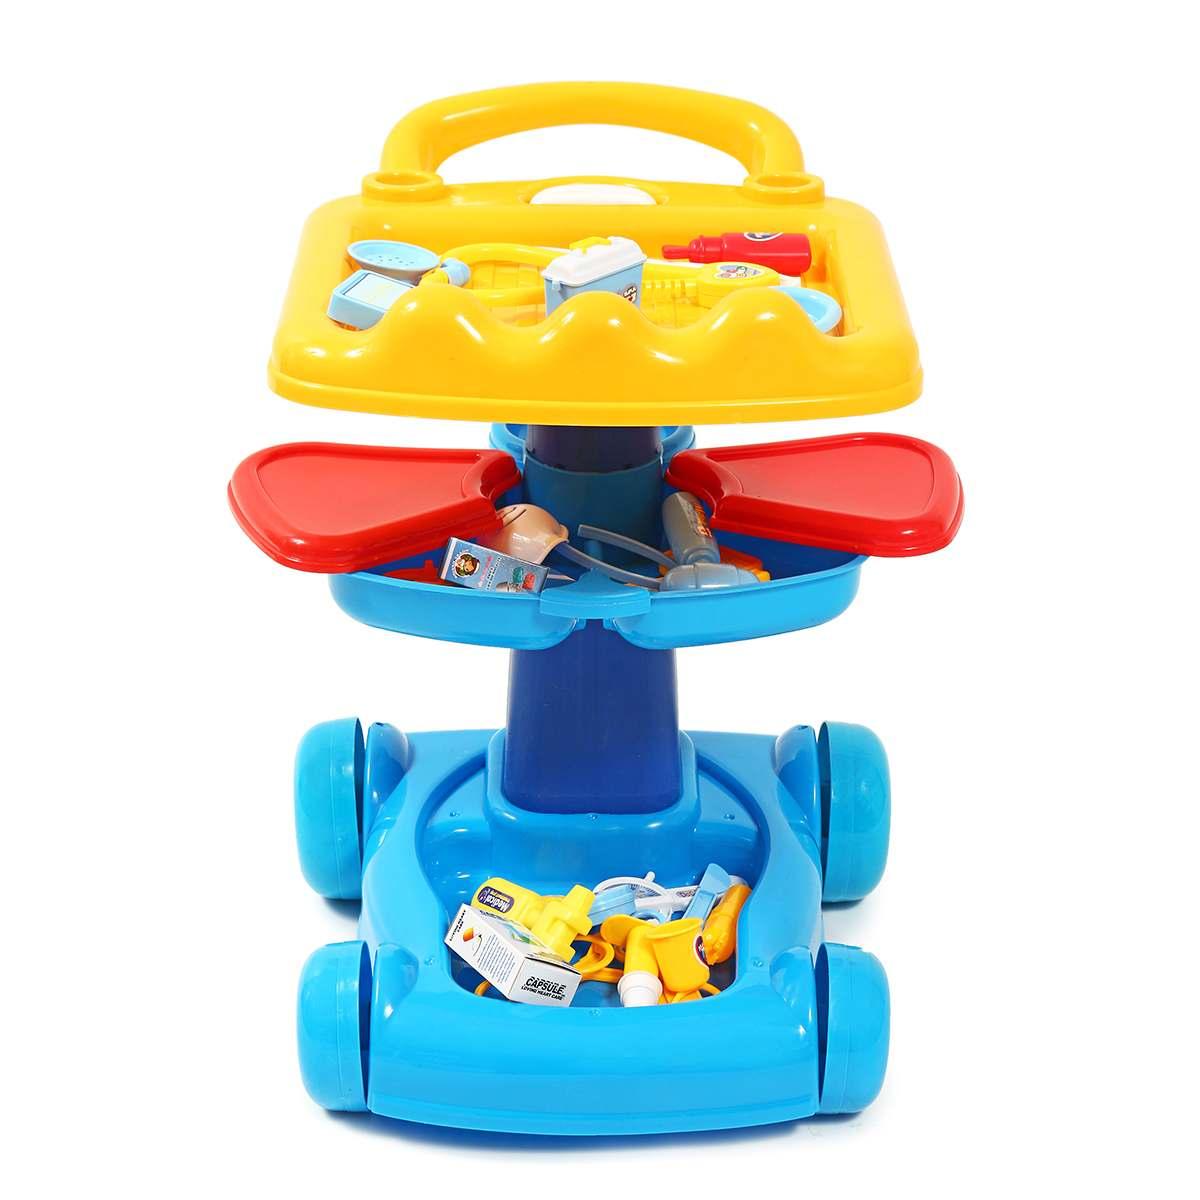 Plastique semblant jouer docteur jouets éducatifs semblant jouer chariot jouets infirmière jouets médicaux Kit hôpital Vocation jeu de rôle